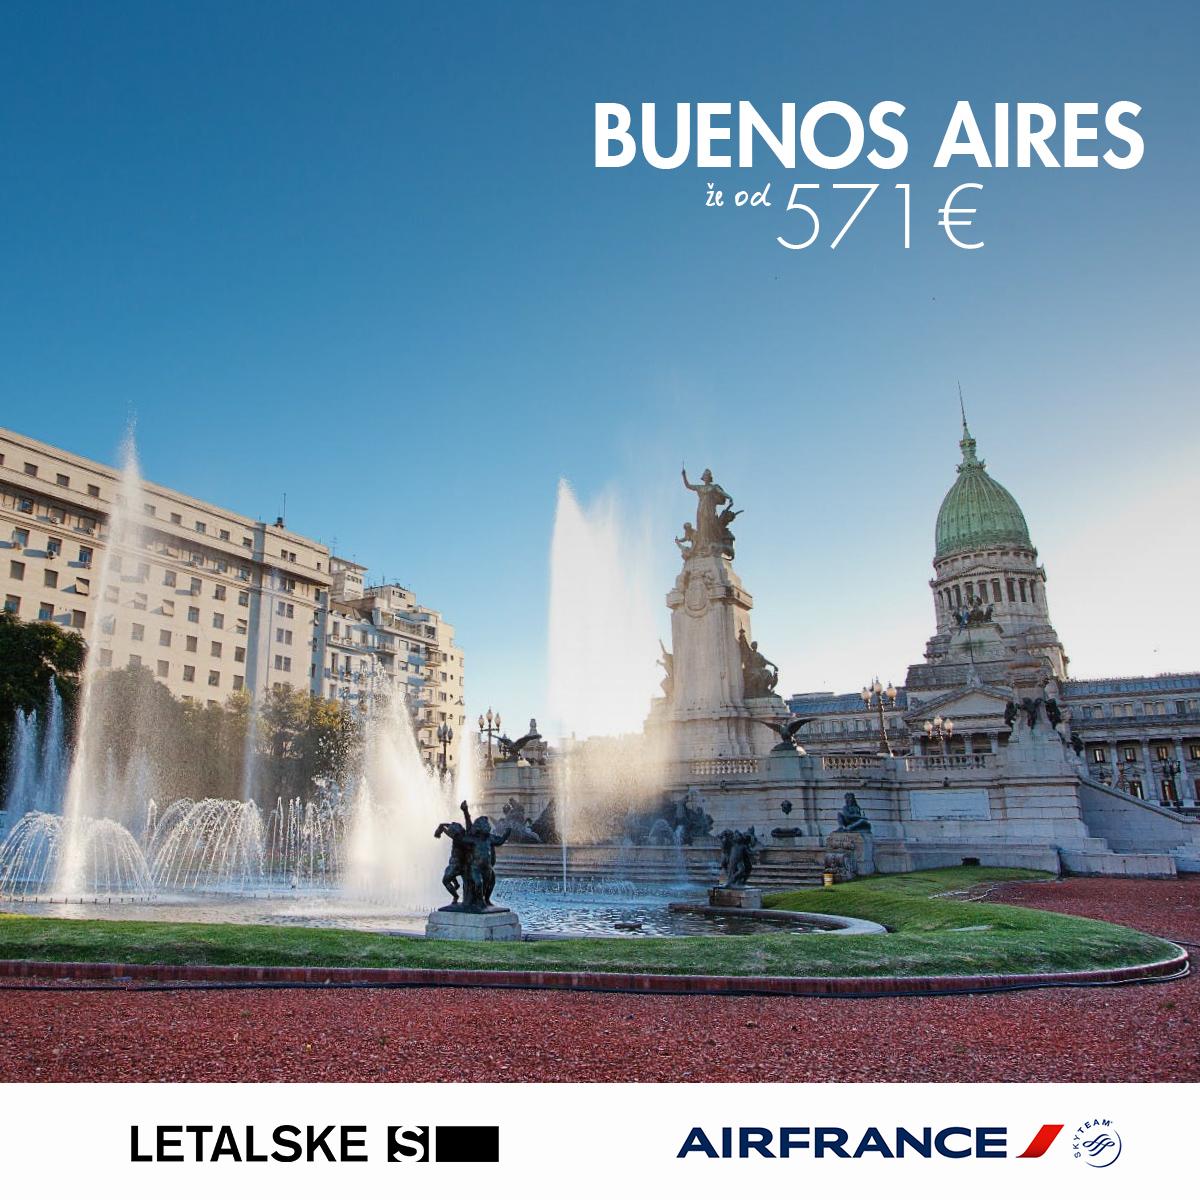 Buenos Aires vizual, Buenos Aires već od   kuna, Buenos Aires jeftine avio karte, putovanje za Buenos Aires